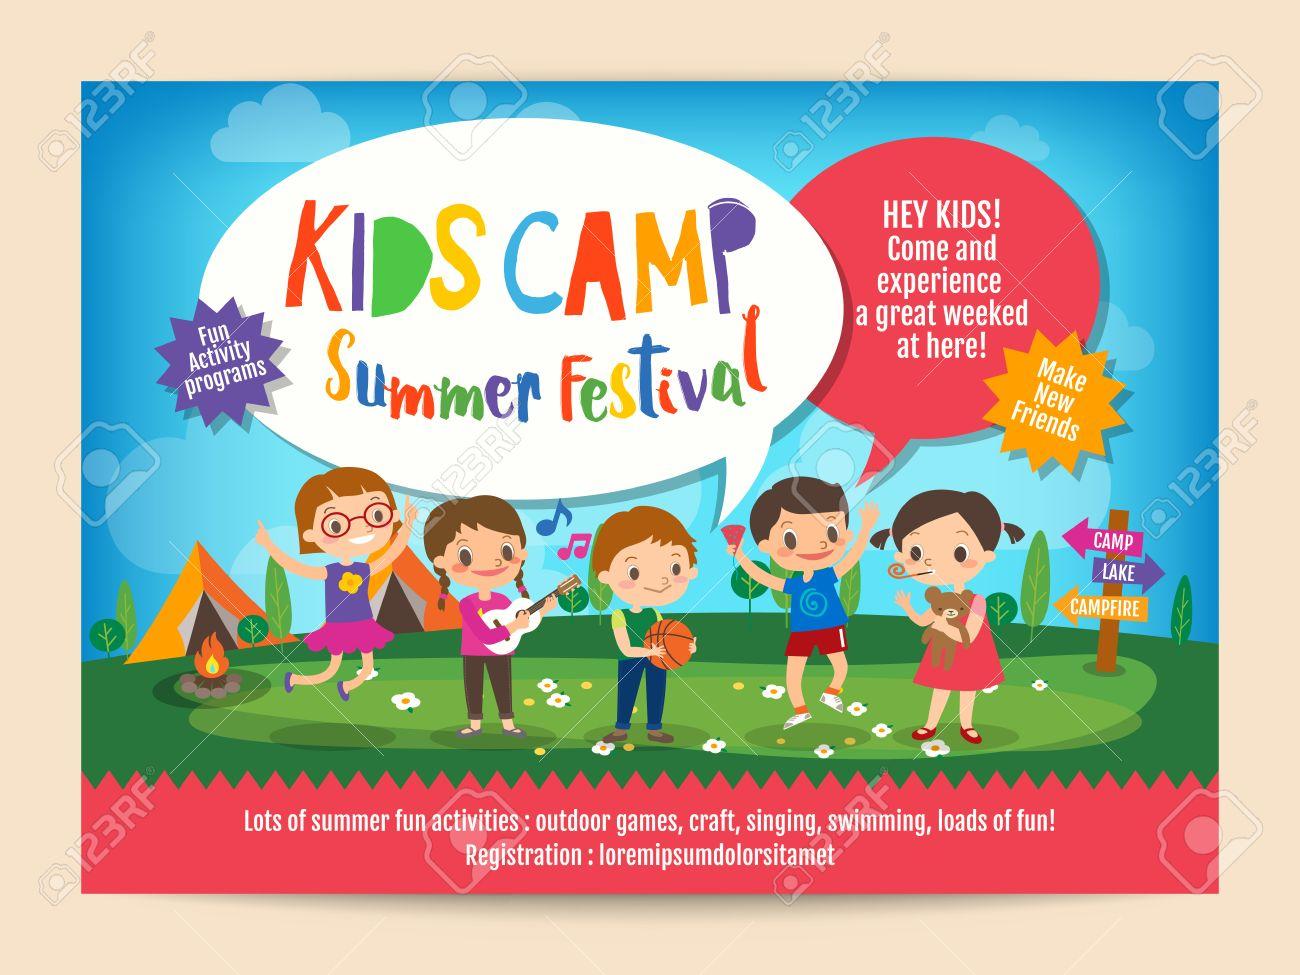 子供の子供のキャンプ活動のイラスト夏キャンプ教育広告ポスター チラシ